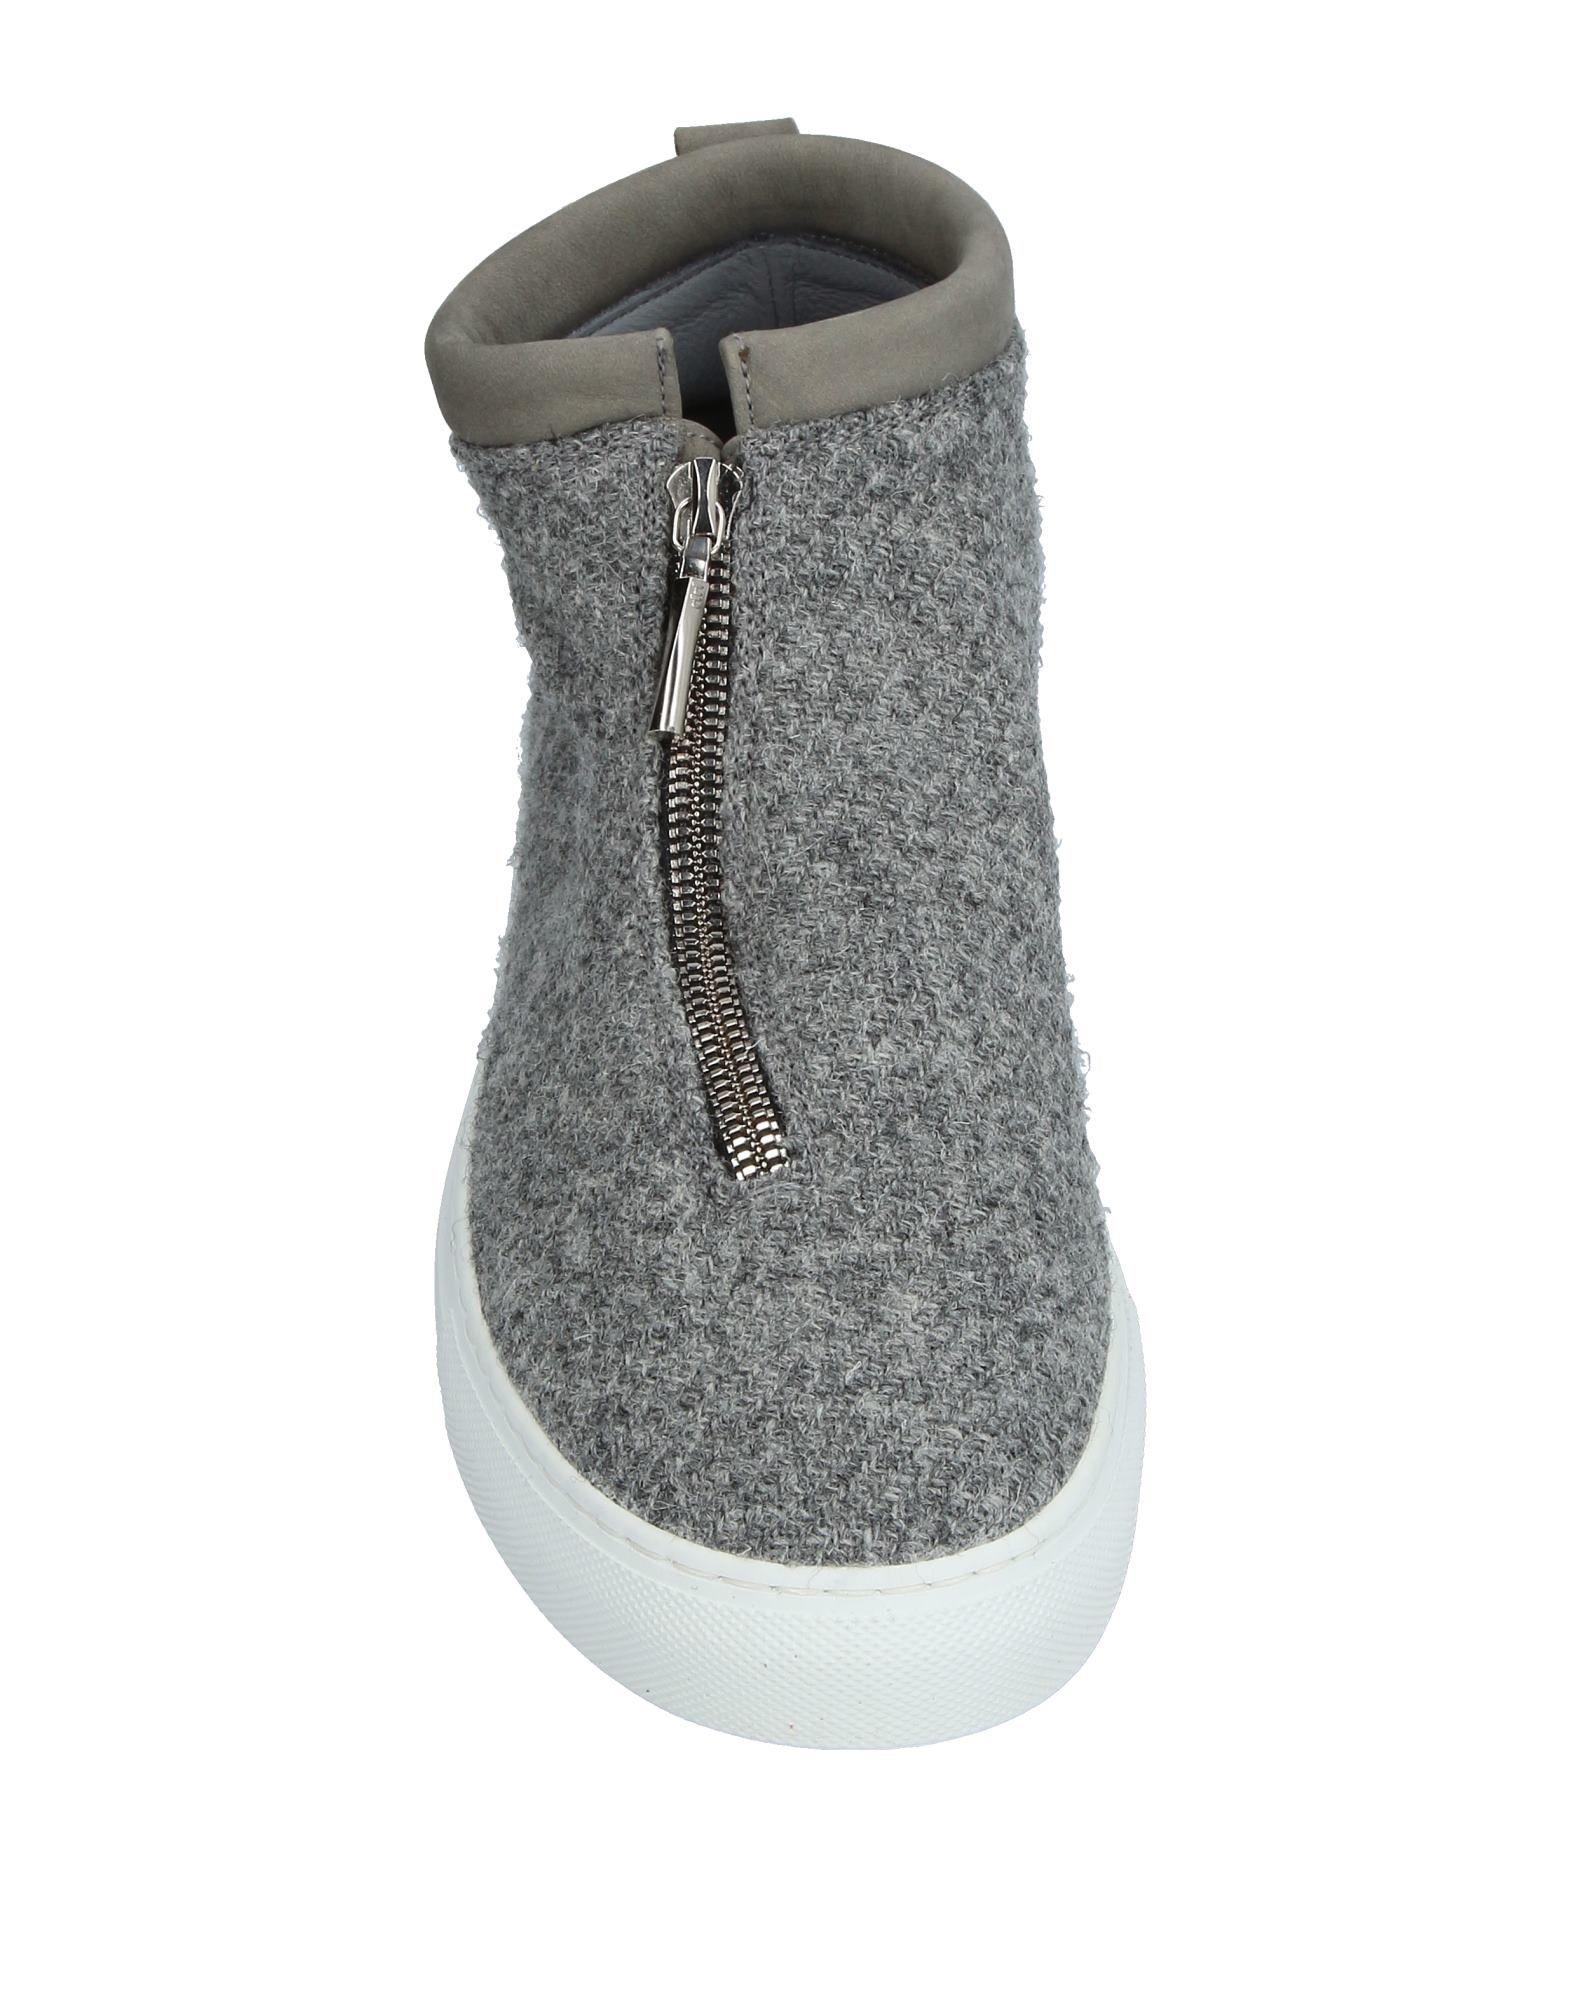 Diemme Sneakers Herren Herren Sneakers  11223937VQ  47eb83